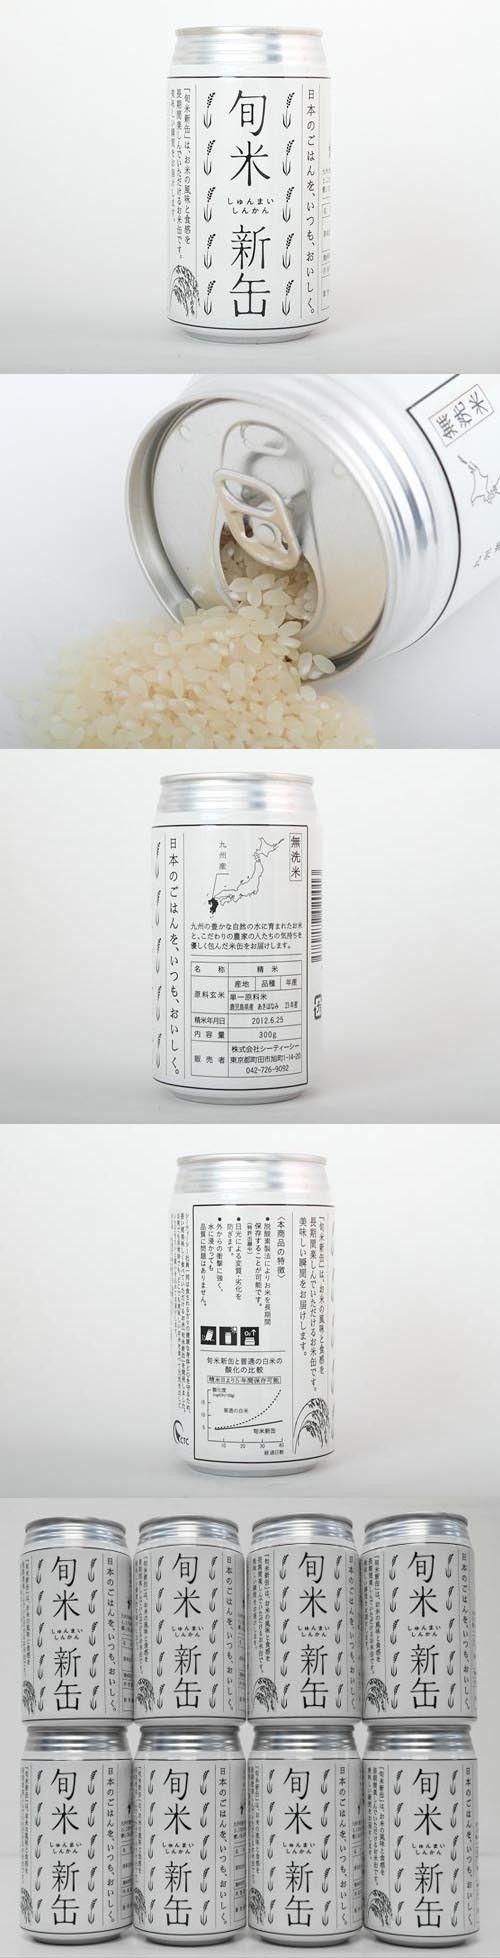 旬米新缶:用易拉罐封装的大米